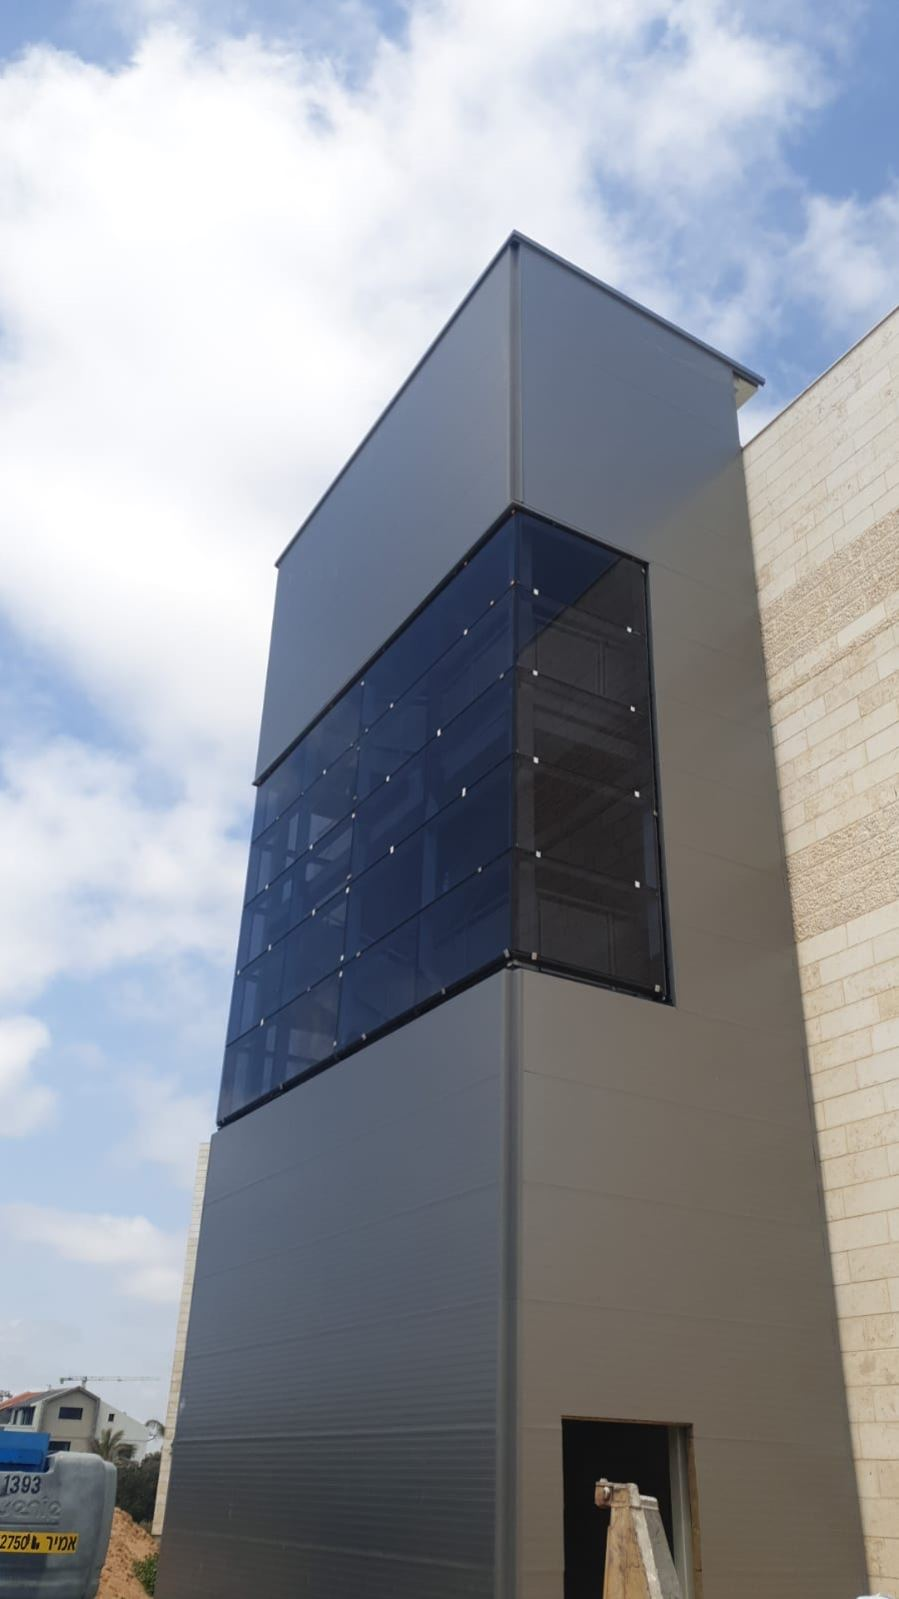 קיר מסך בית חולים לניאדו תמונה מספר 1